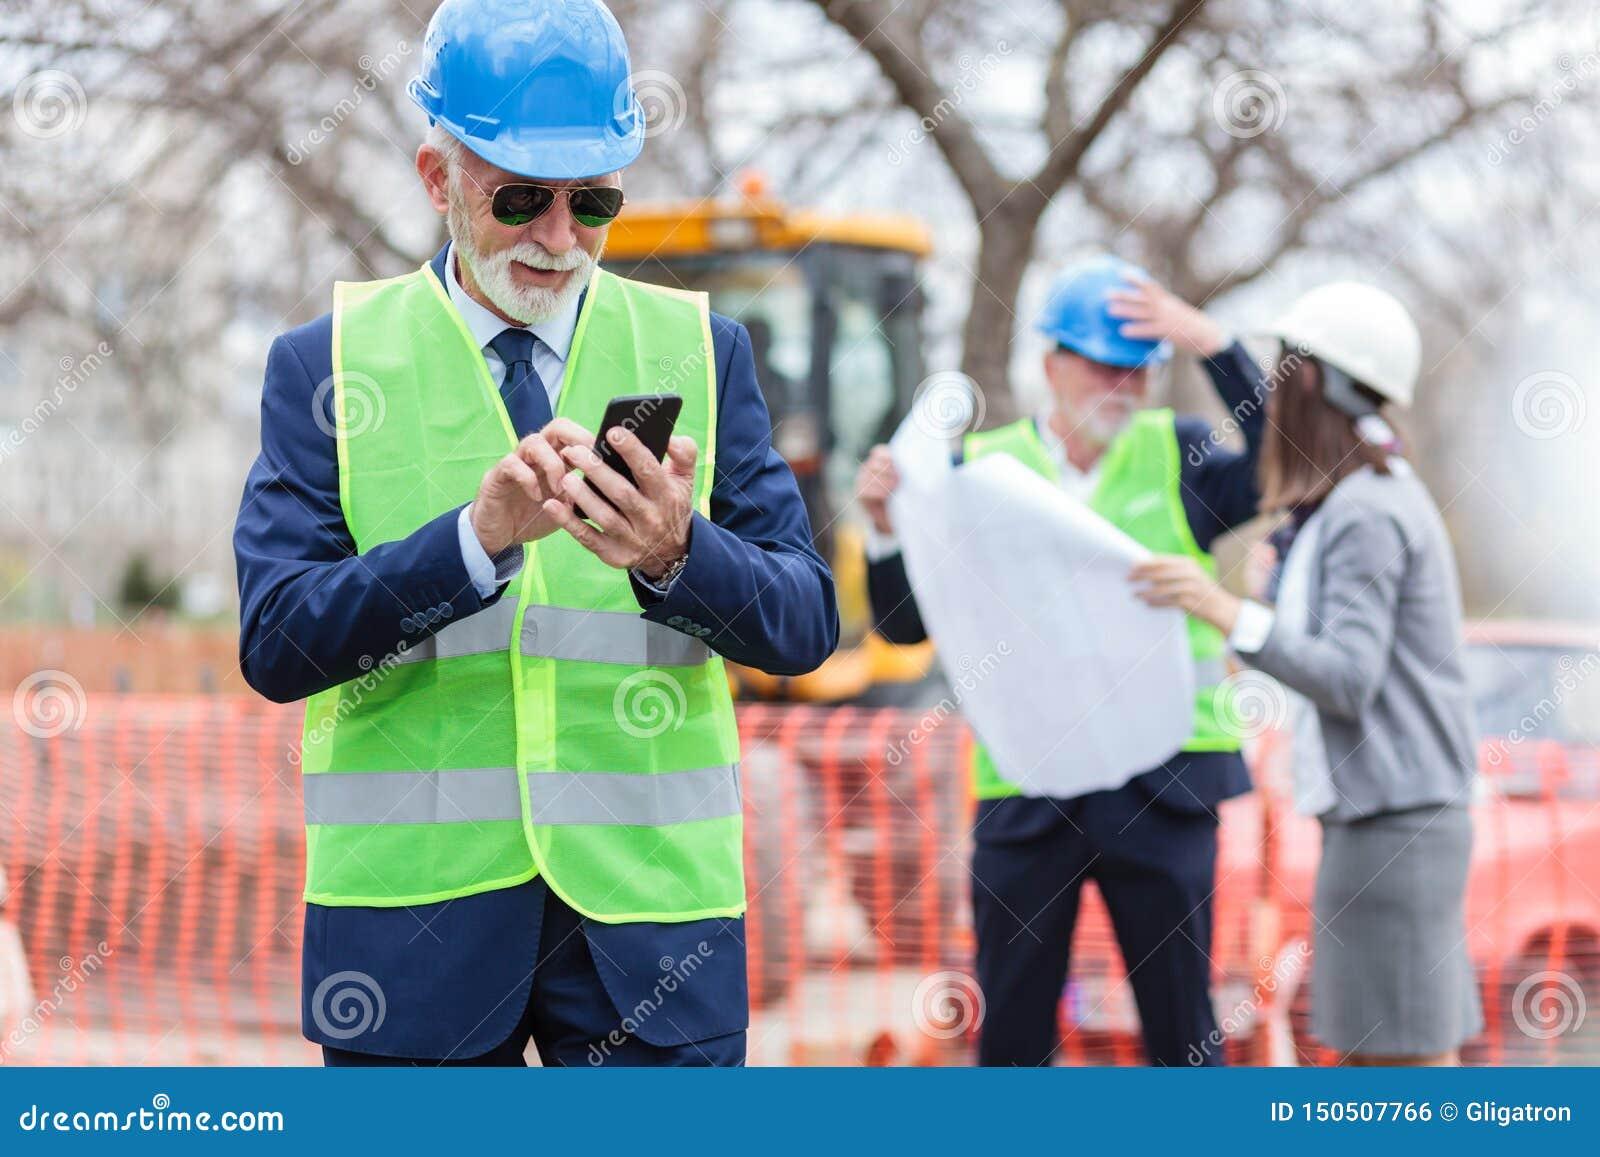 Ευτυχής ανώτερος μηχανικός ή επιχειρηματίας που χρησιμοποιεί το έξυπνο τηλέφωνό του επιθεωρώντας ένα εργοτάξιο οικοδομής